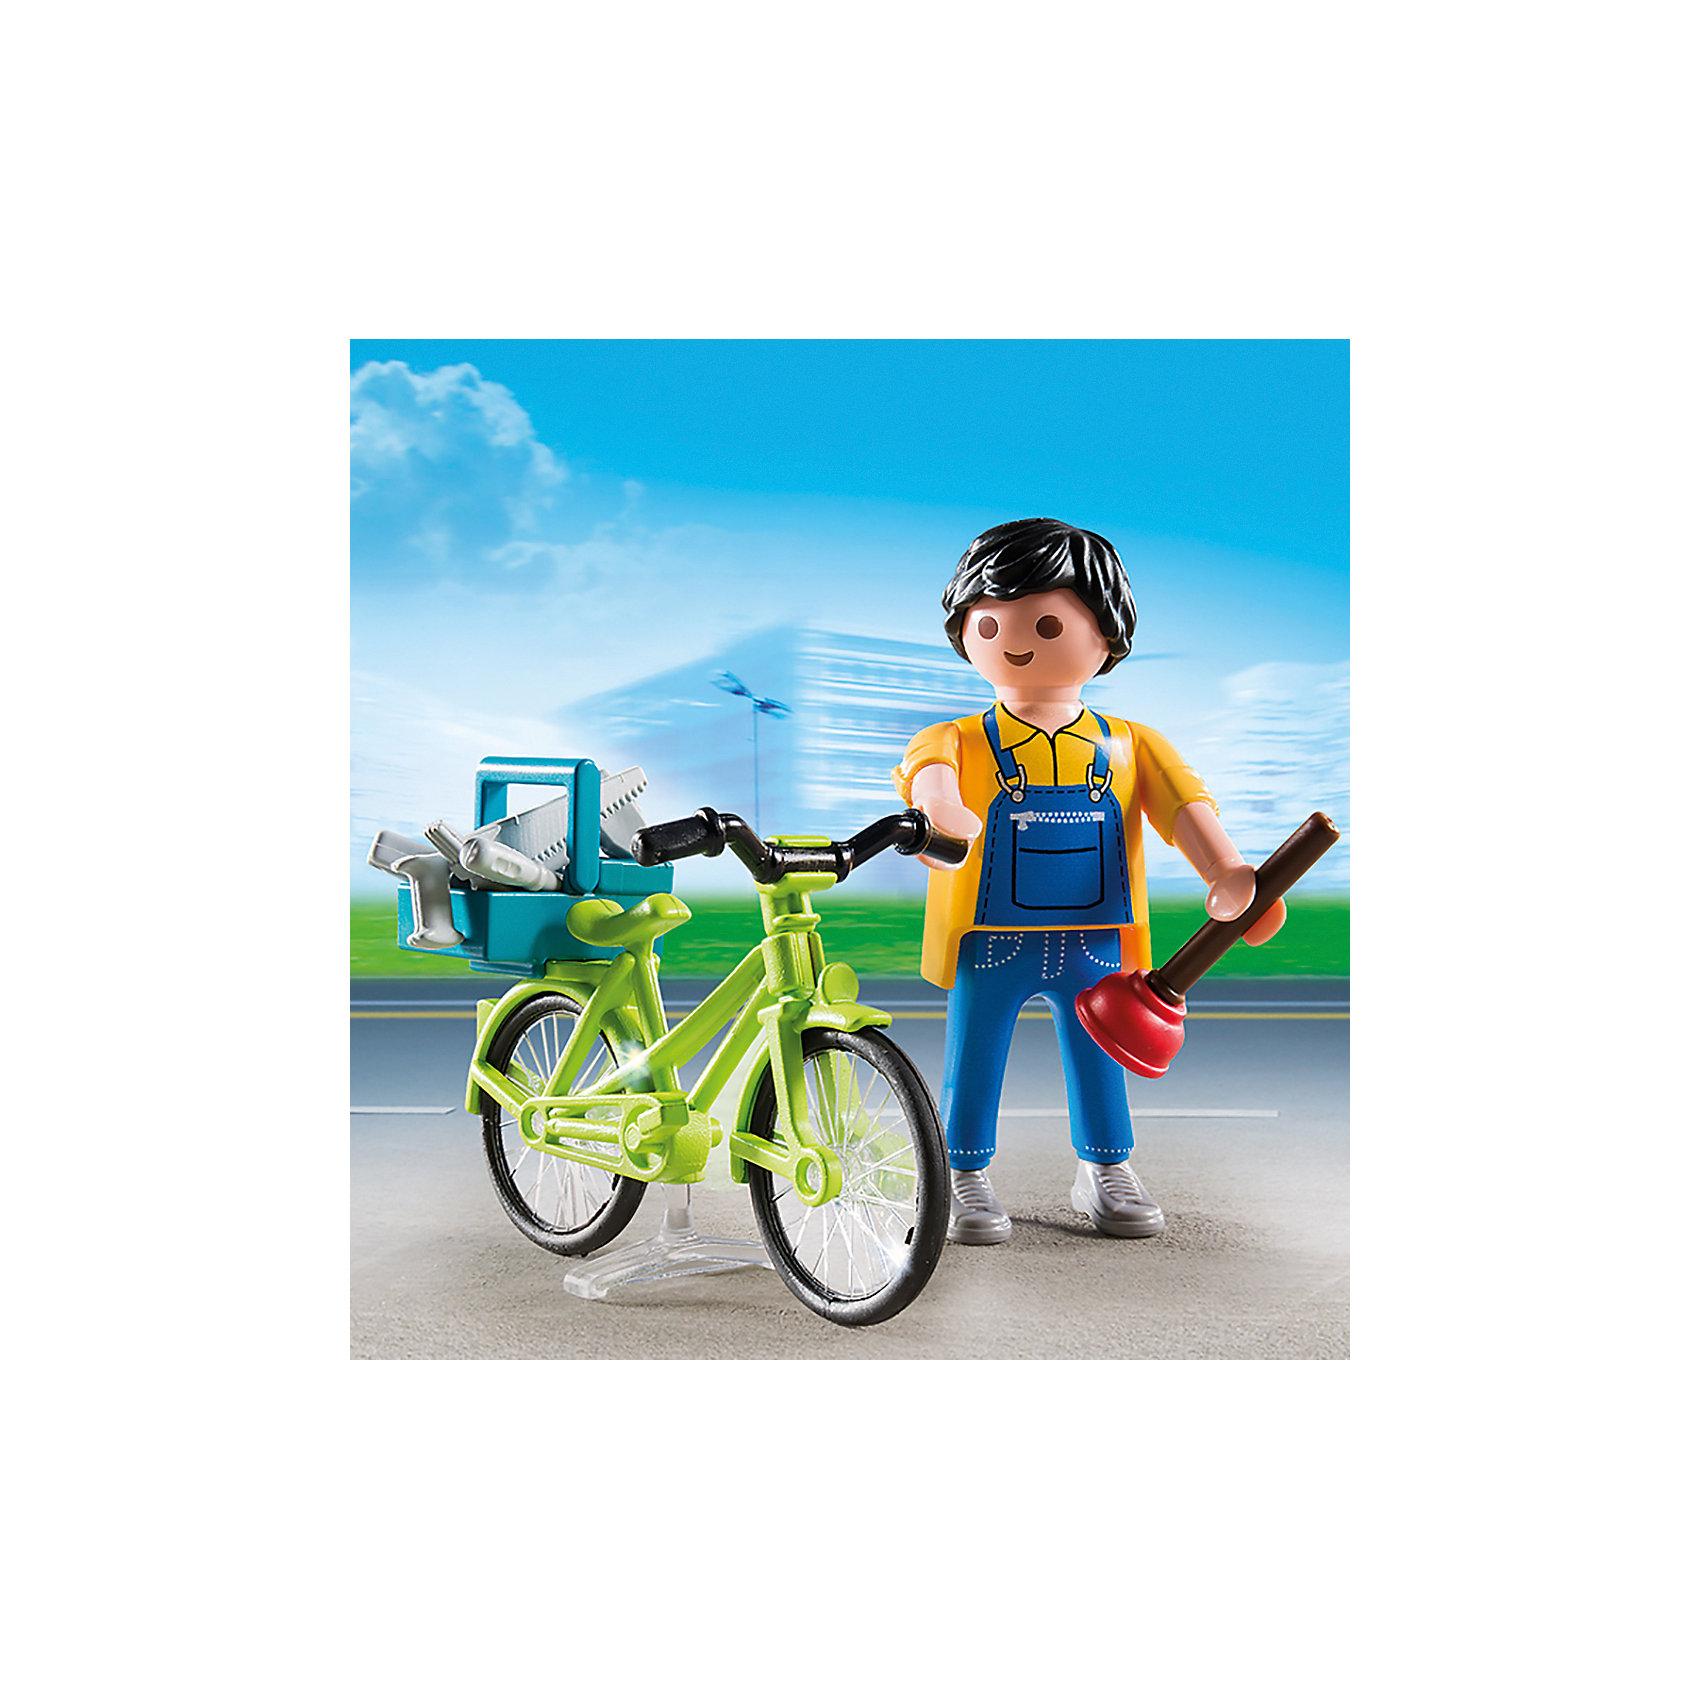 Экстра-набор: Мастер с инструментами на велосипеде, PLAYMOBILВ набор входят детали для сборки велосипеда, фигурка мастера, который его чинит и аксессуары, которые сделают игру еще реалистичнее и увлекательнее. Фигурка имеет подвижные конечности, в руки можно вложить инструменты. Все детали прекрасно проработаны и выполнены из высококачественного экологичного пластика безопасного для детей. Играть с таким набором не только приятно и интересно - подобные виды игры развивают мелкую моторику, воображение, творческое мышление.<br><br>Дополнительная информация:<br><br>- 1 фигурка в наборе. <br>- Комплектация: фигурка, велосипед, аксессуары (инструменты, ящик для инструментов).<br>- Материал: пластик.<br>- Размер упаковки: 13х10х3 см.<br>- Высота фигурки: 7,5 см.<br>- Голова, руки, ноги у фигурки подвижные.<br><br>Экстра-набор: Мастер с инструментами на велосипеде, PLAYMOBIL (Плеймобил), можно купить в нашем магазине.<br><br>Ширина мм: 126<br>Глубина мм: 93<br>Высота мм: 35<br>Вес г: 52<br>Возраст от месяцев: 48<br>Возраст до месяцев: 120<br>Пол: Мужской<br>Возраст: Детский<br>SKU: 3786352